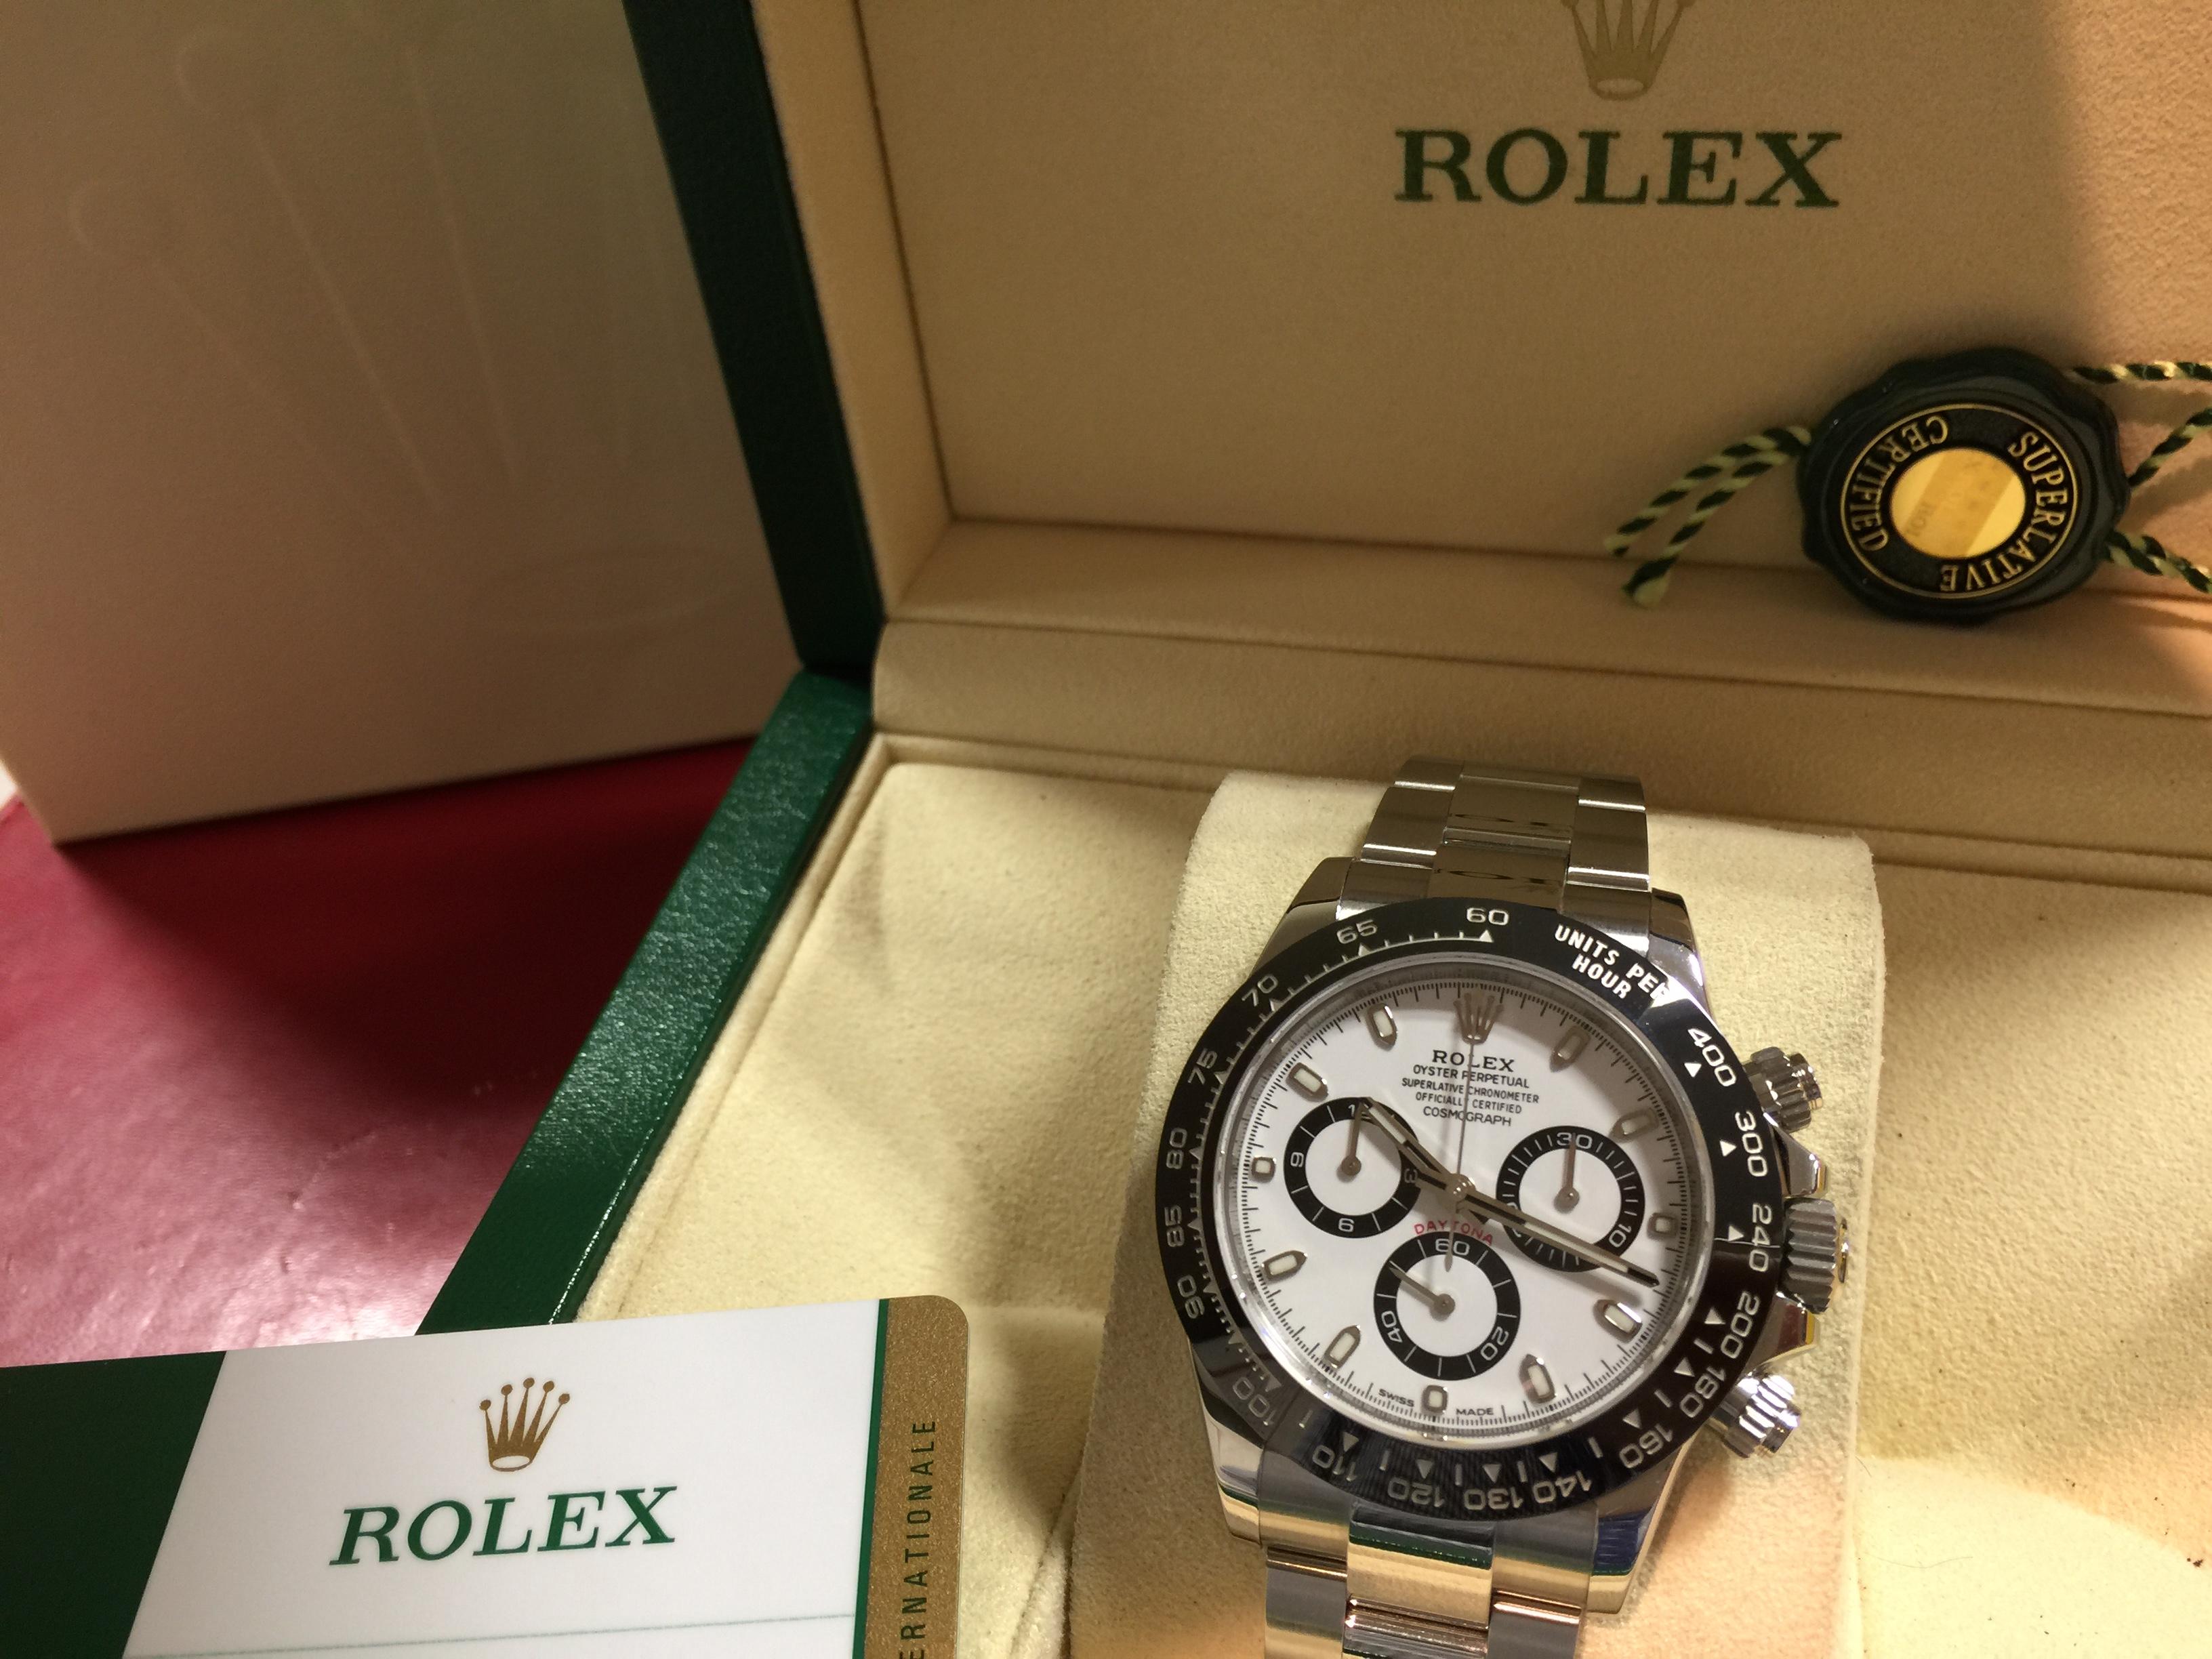 ロレックス ROLEX デイトナ 116500LN WHT